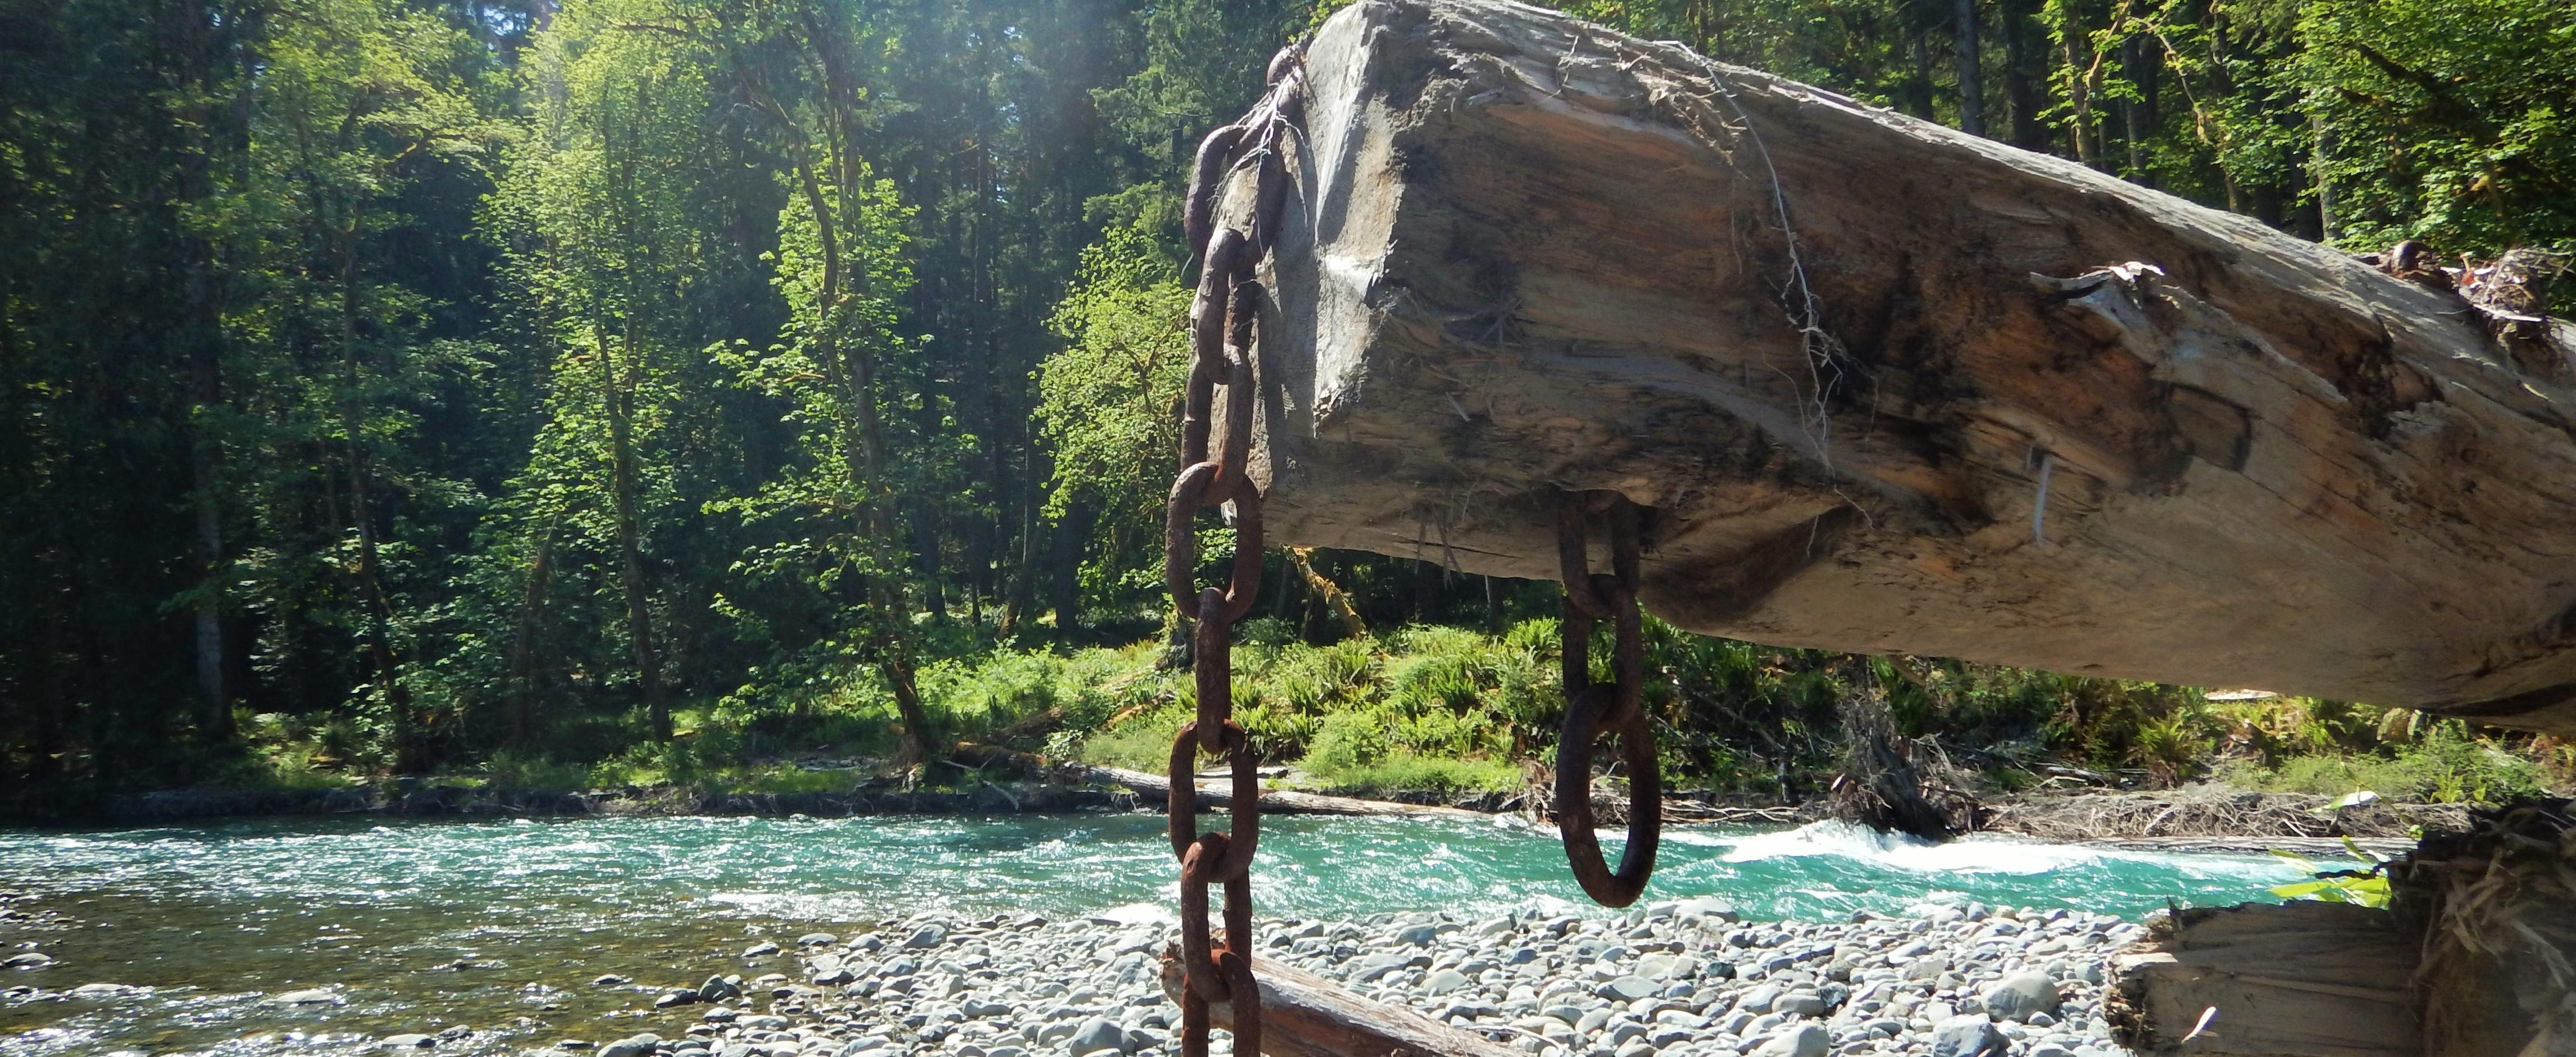 Elwha River chain